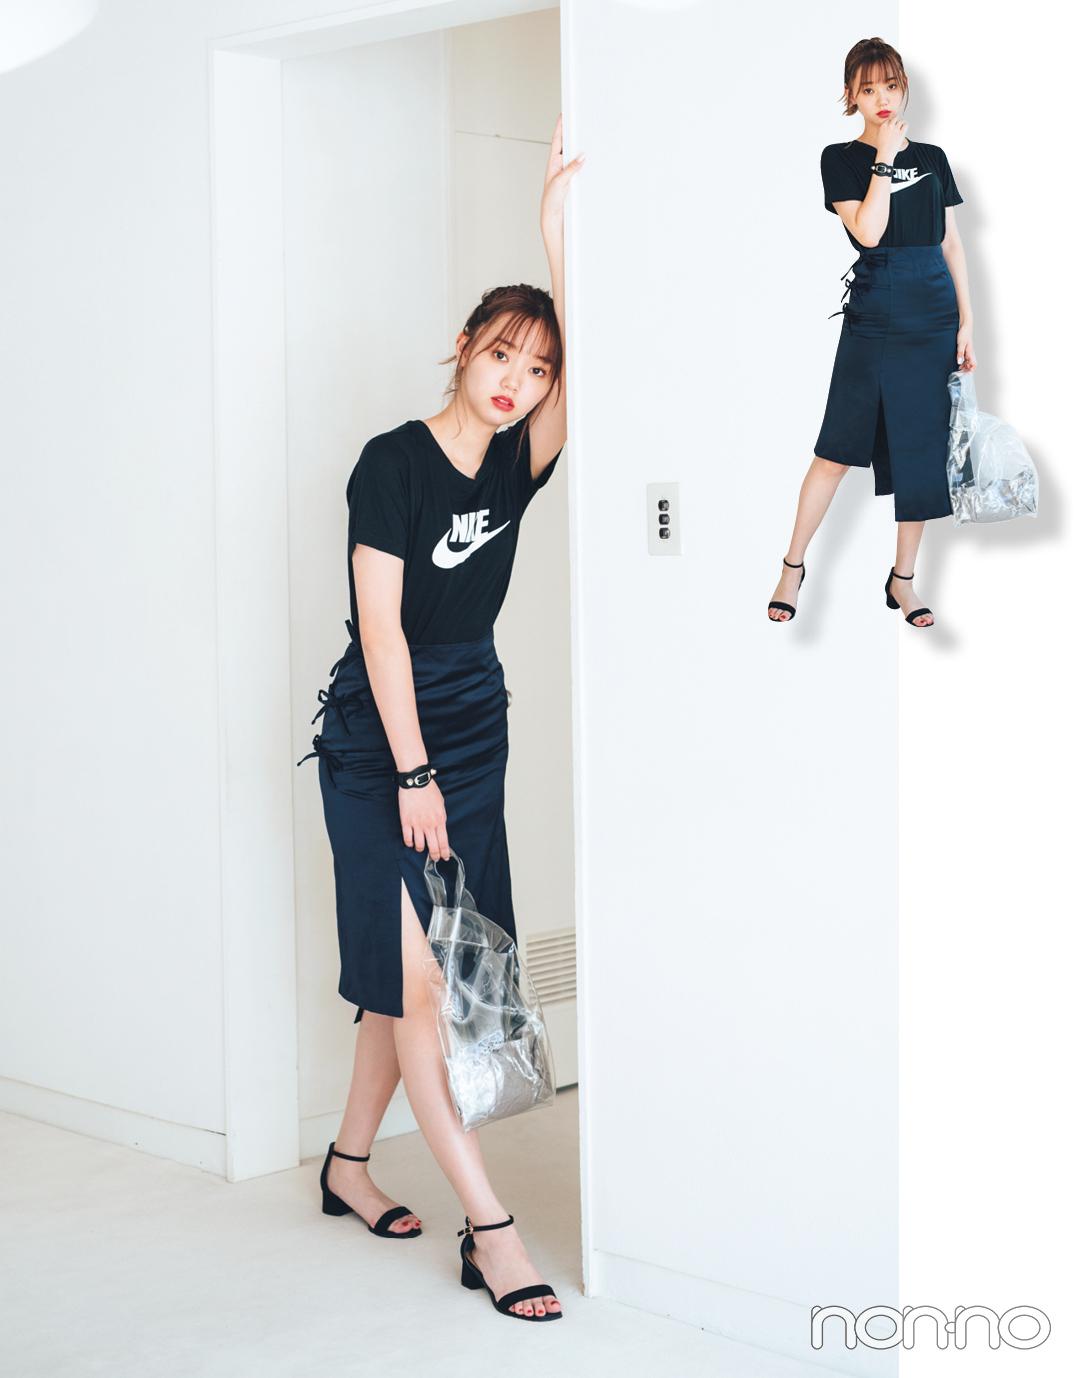 この夏、江野沢愛美は何を着る? ミックスカジュアルの達人の私服コーデを拝見!_1_2-4